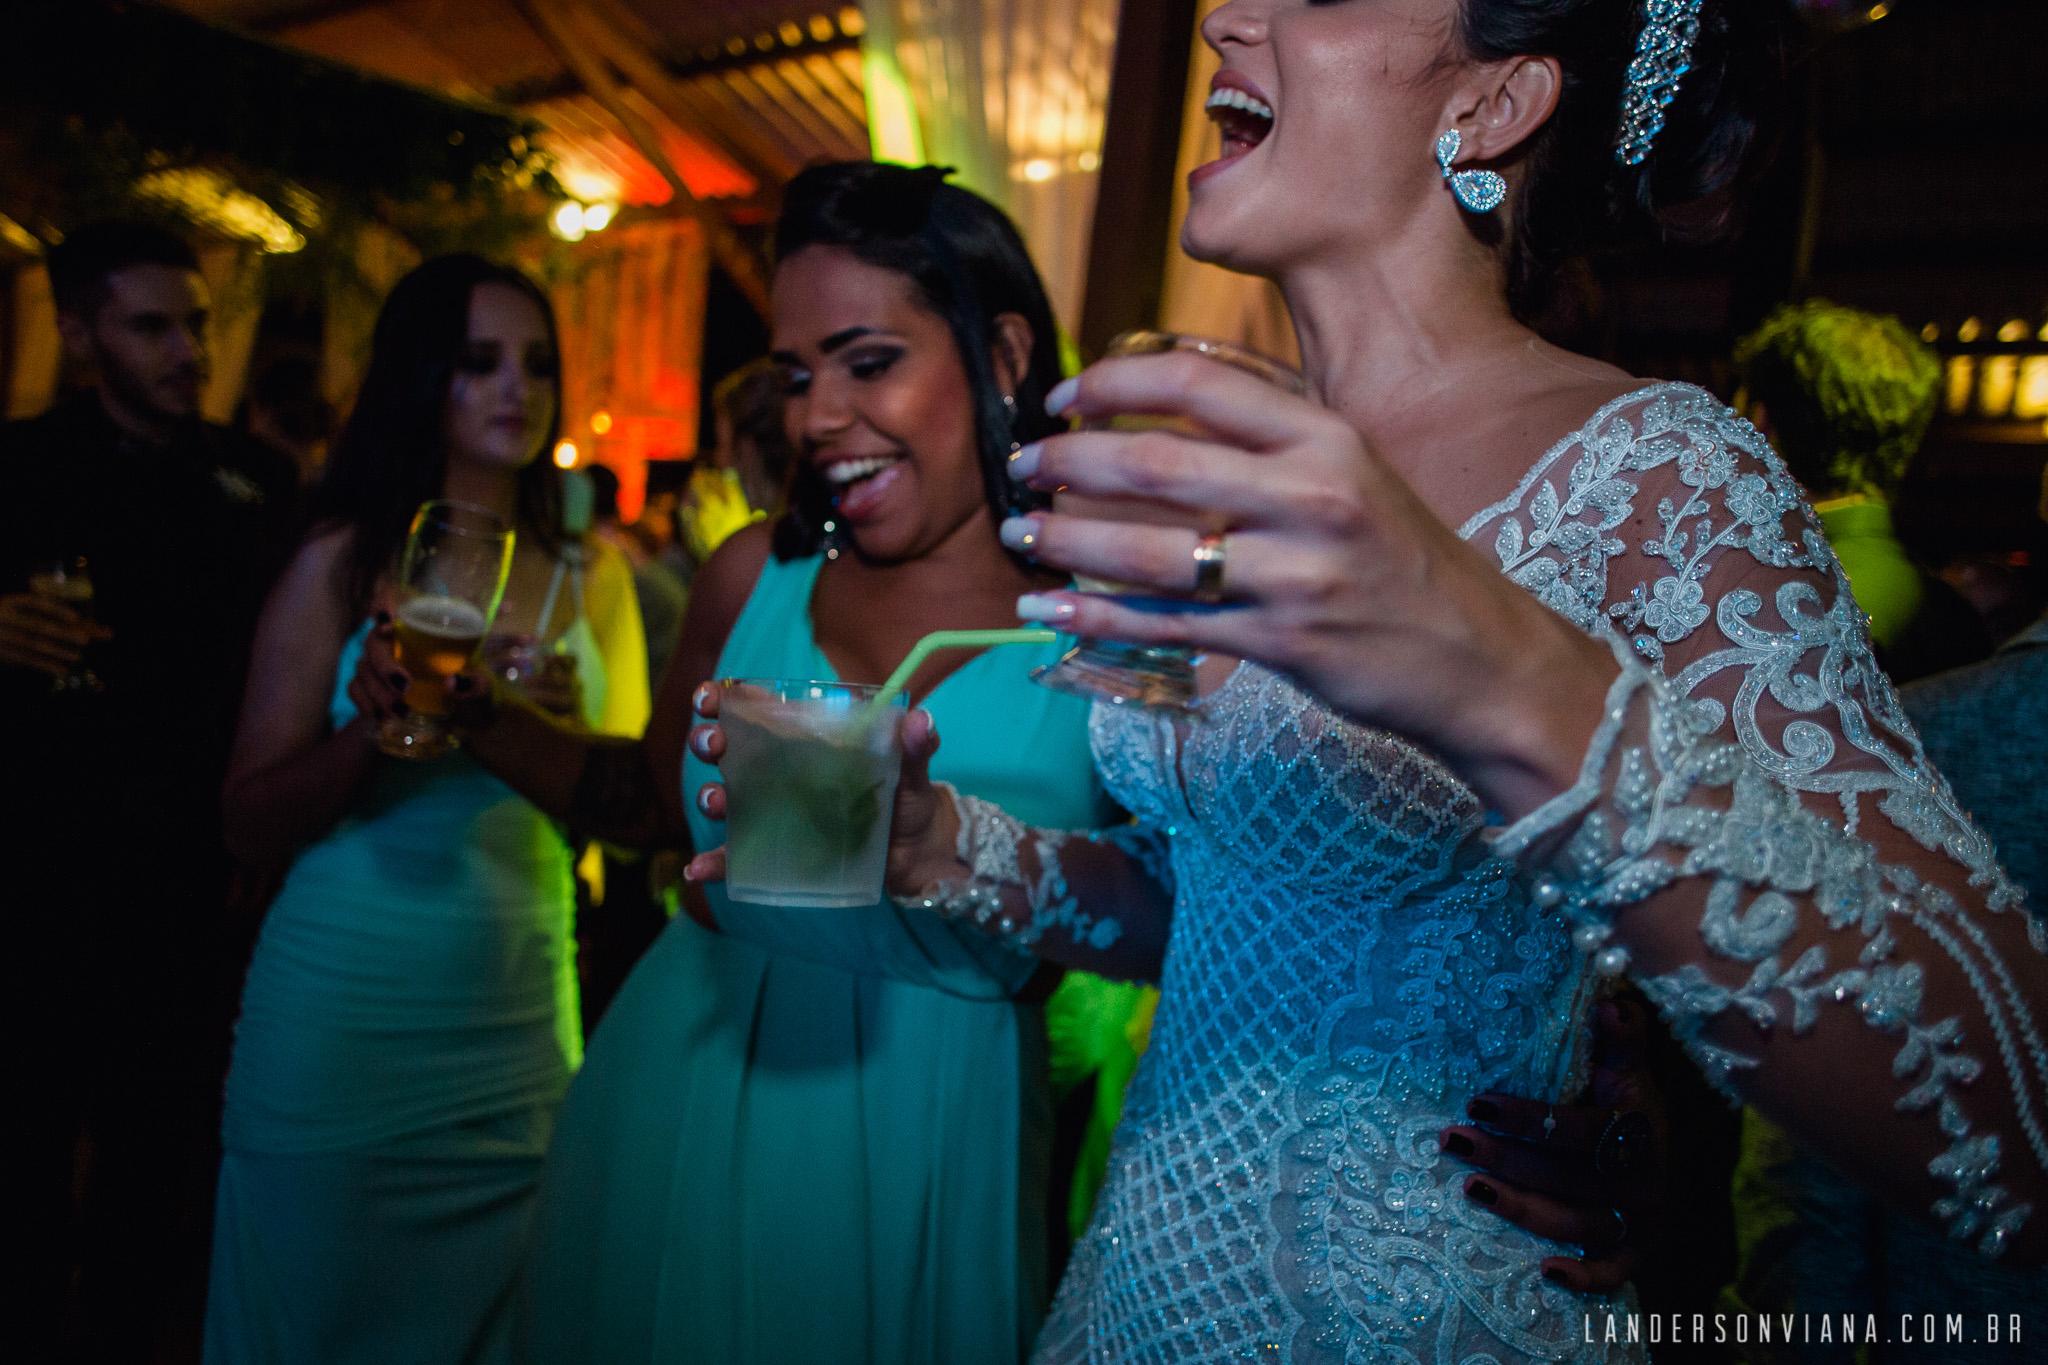 casamento_ar_livre_festa_jessica_raphael-35.jpg